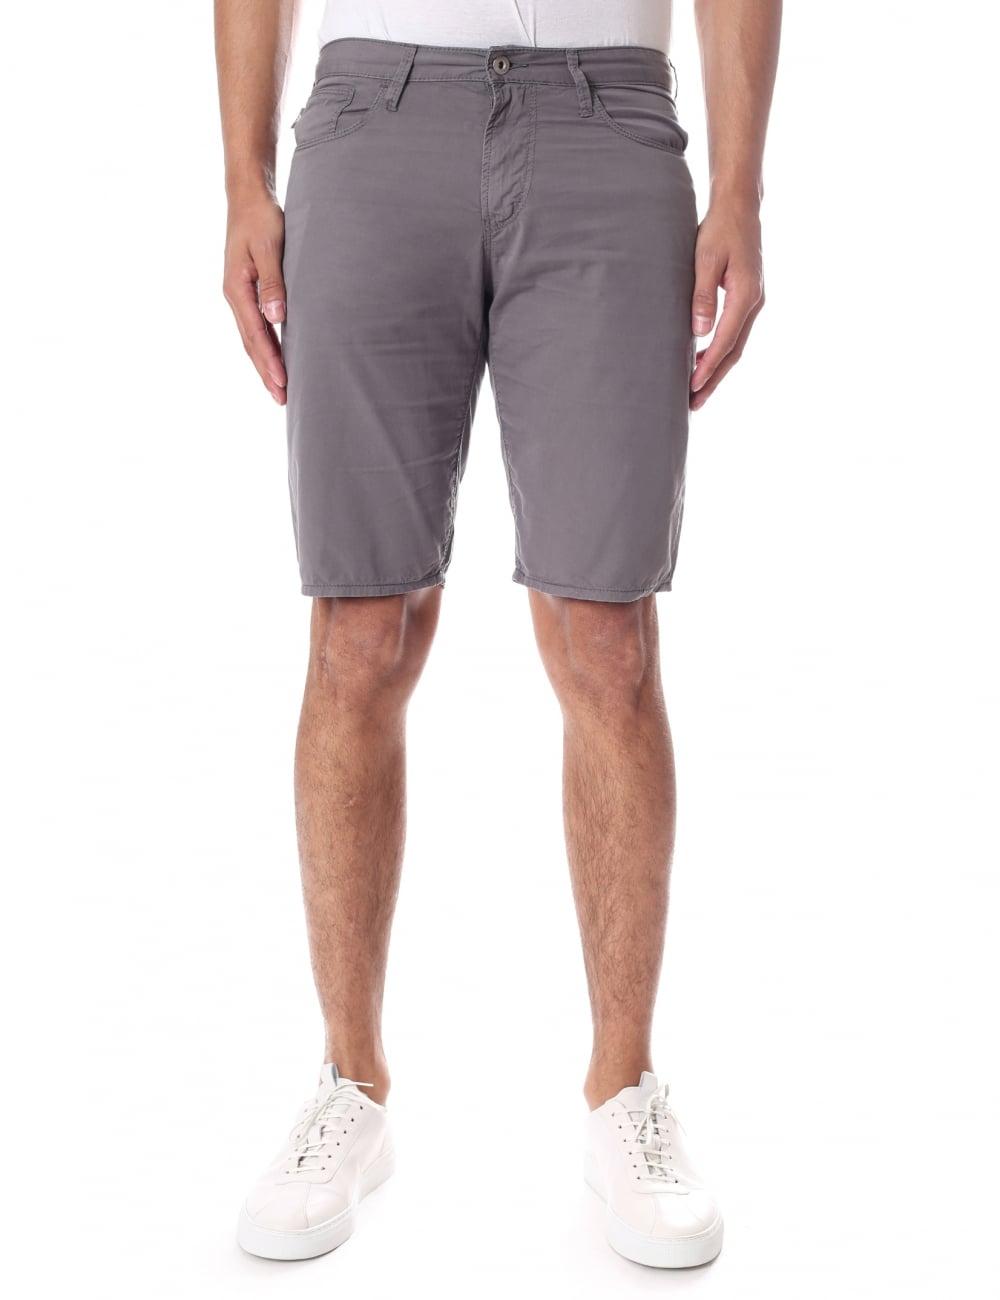 0d2e276e1a Emporio Armani Men's Cotton Bermuda Shorts